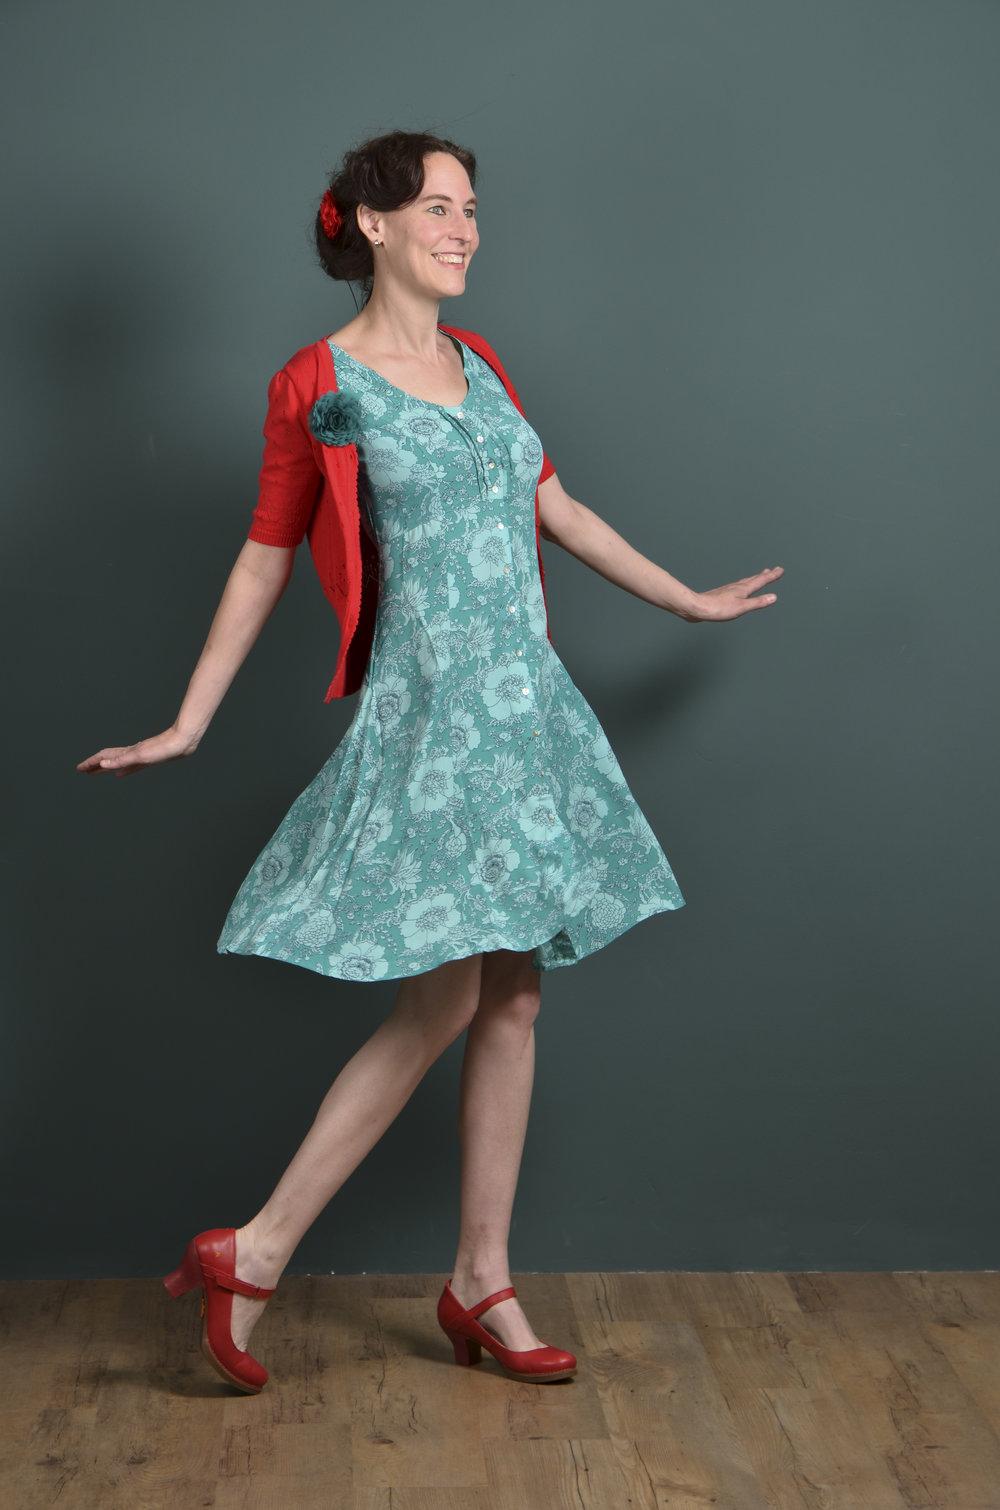 Het korte mouw vestje is van Bakery Lady's. De jurk is van In-Two. De schoenen zijn van ART en de bloemen zijn van Urban Hippies